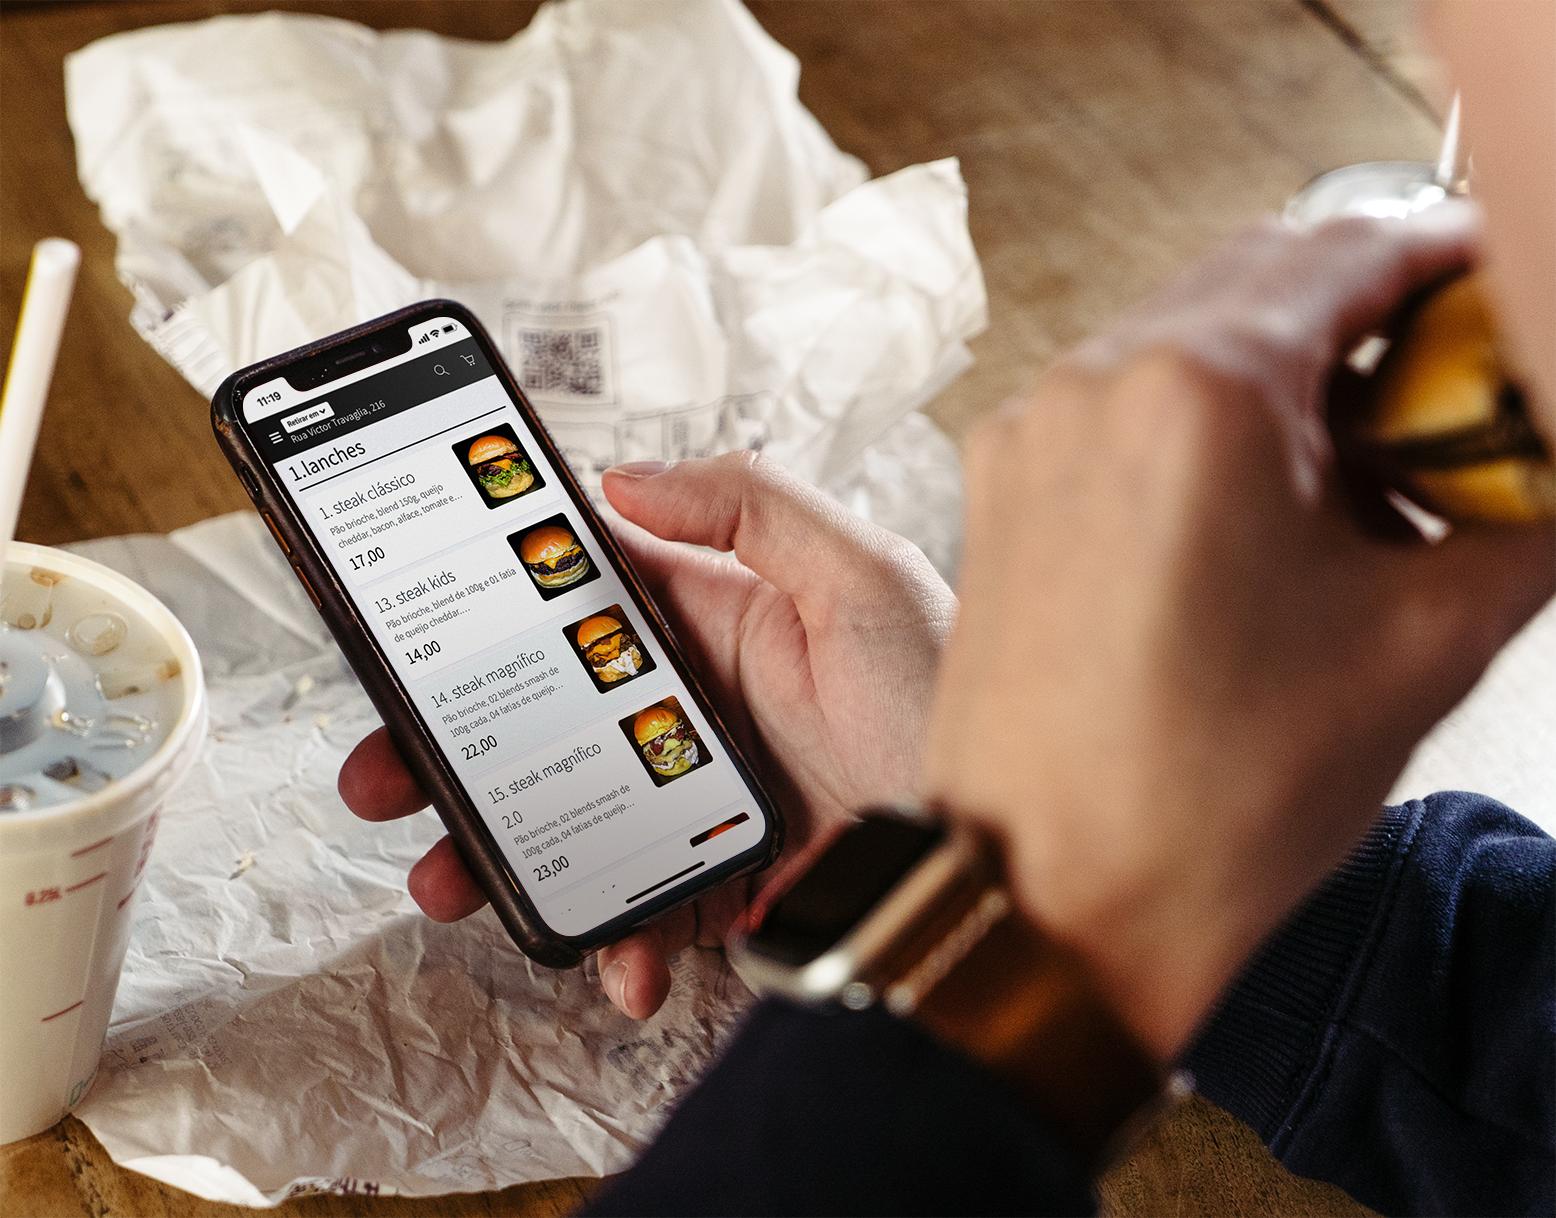 Indo Além: Grandes Restaurantes Apostam no Aplicativo Delivery Próprio